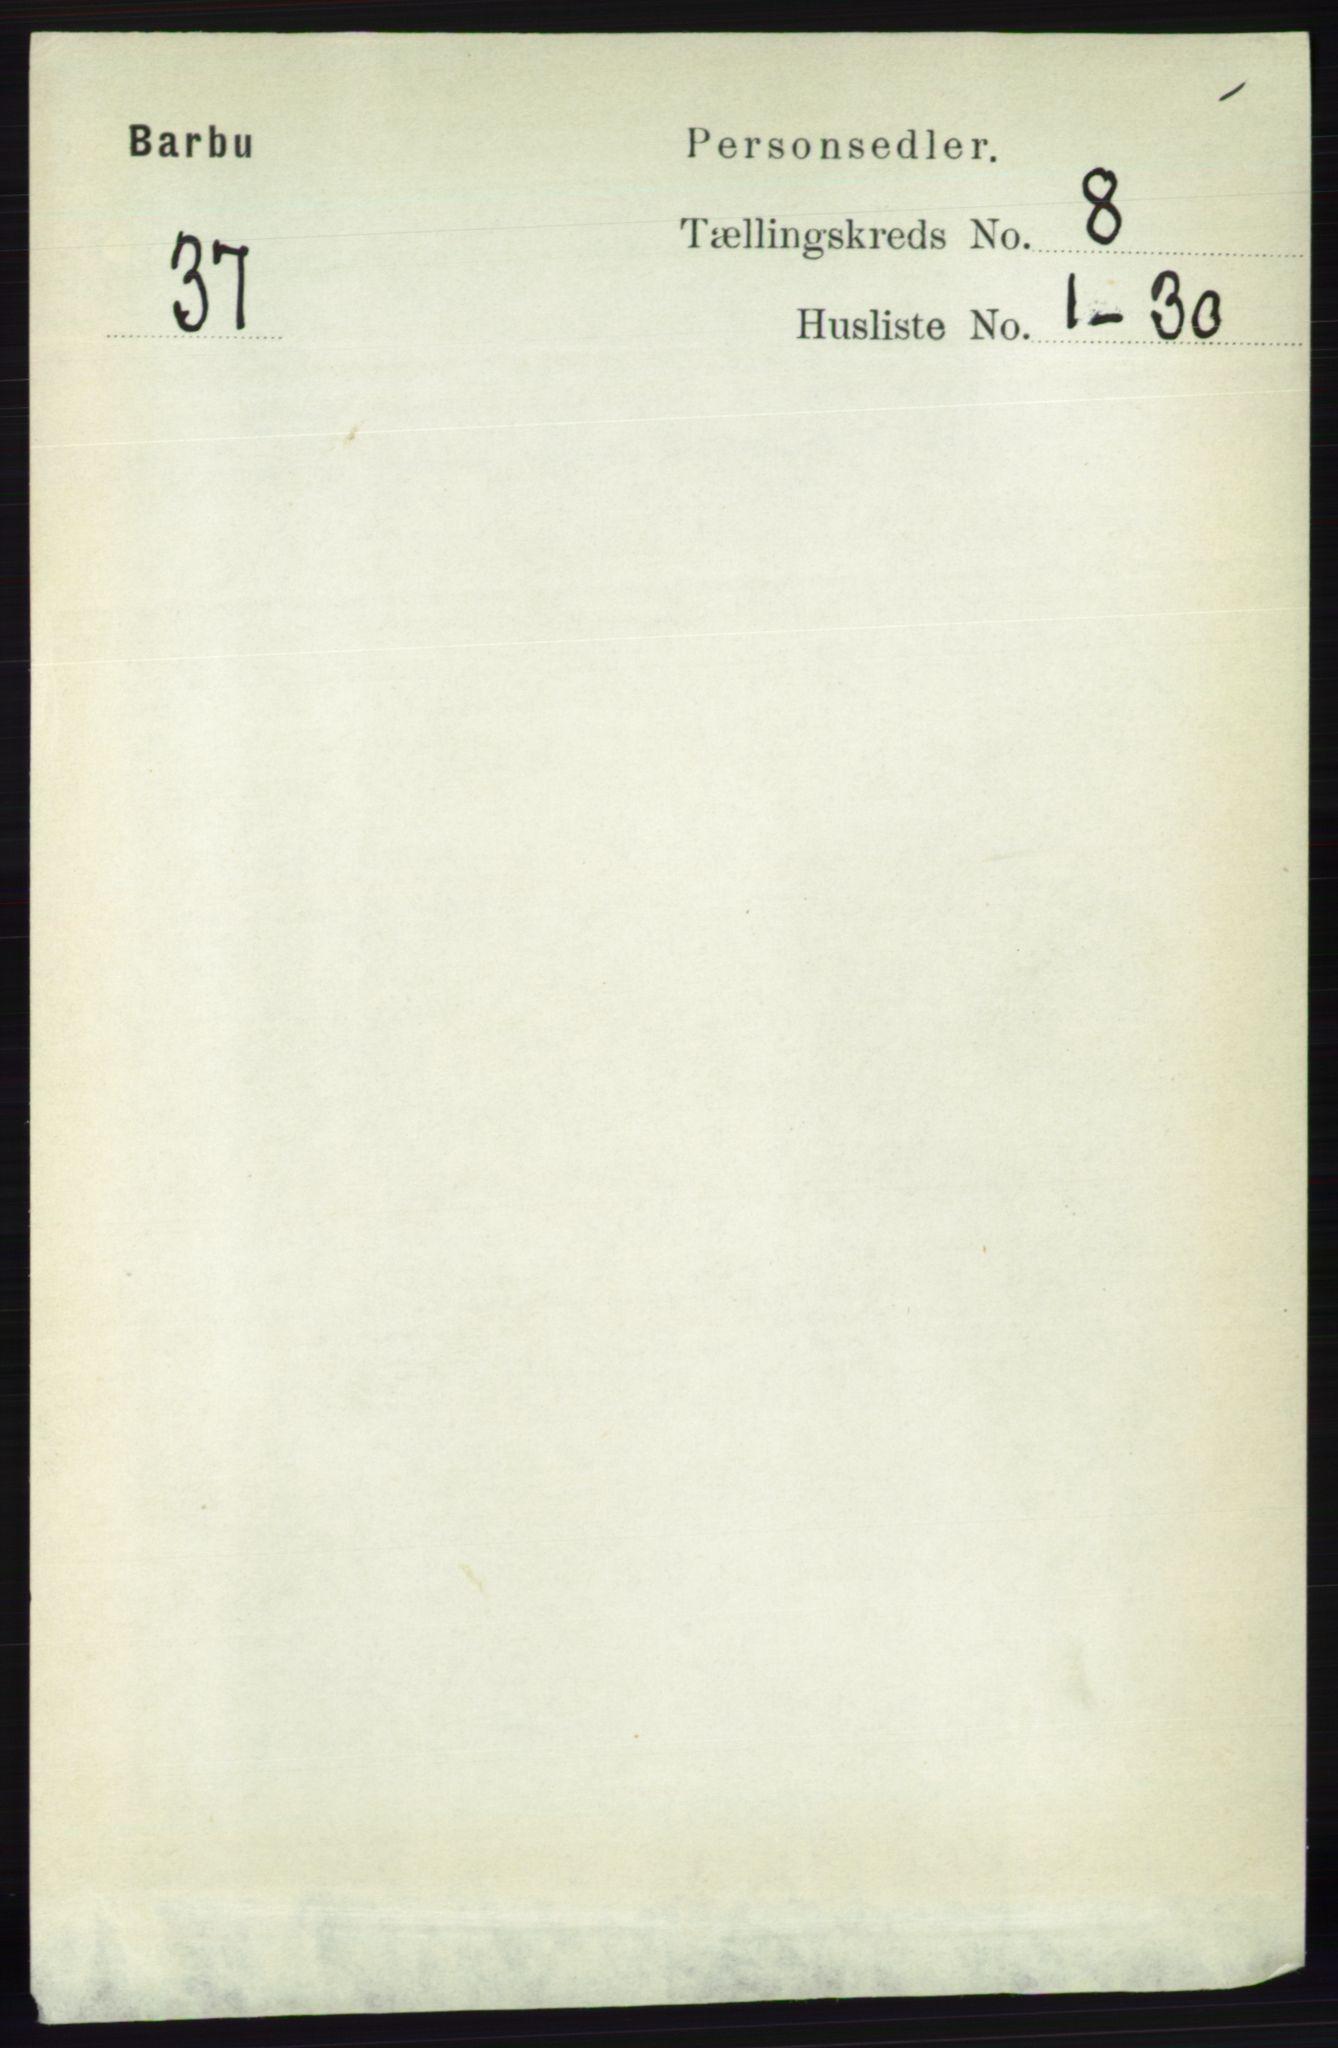 RA, Folketelling 1891 for 0990 Barbu herred, 1891, s. 5934